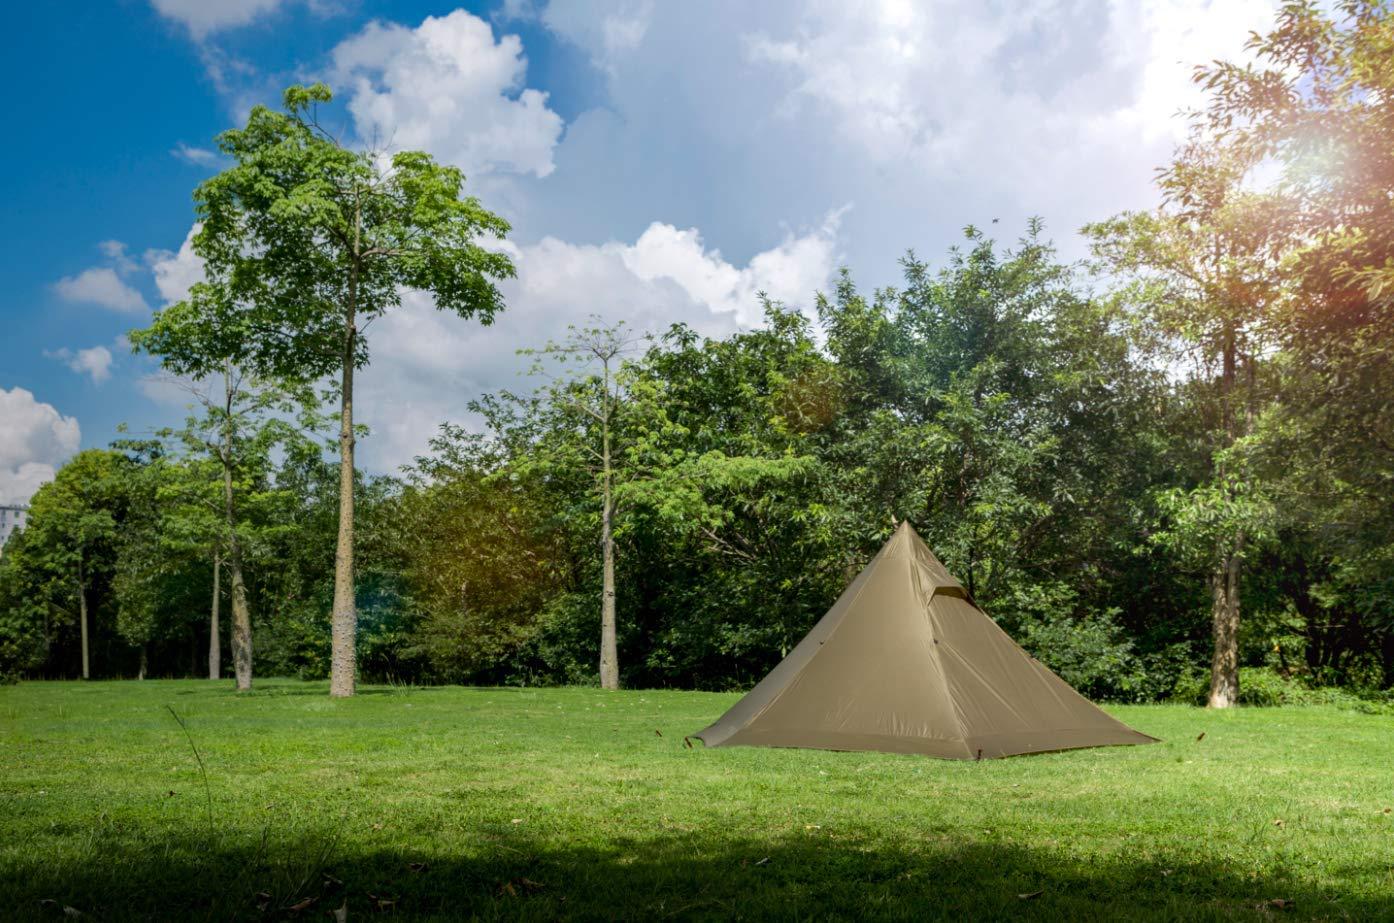 1T onetigris Ligero Camping Pisos - Tienda de campaña para 2 Personas, Color Coyote Braun, tamaño 33cm*9cm*10cm: Amazon.es: Deportes y aire libre